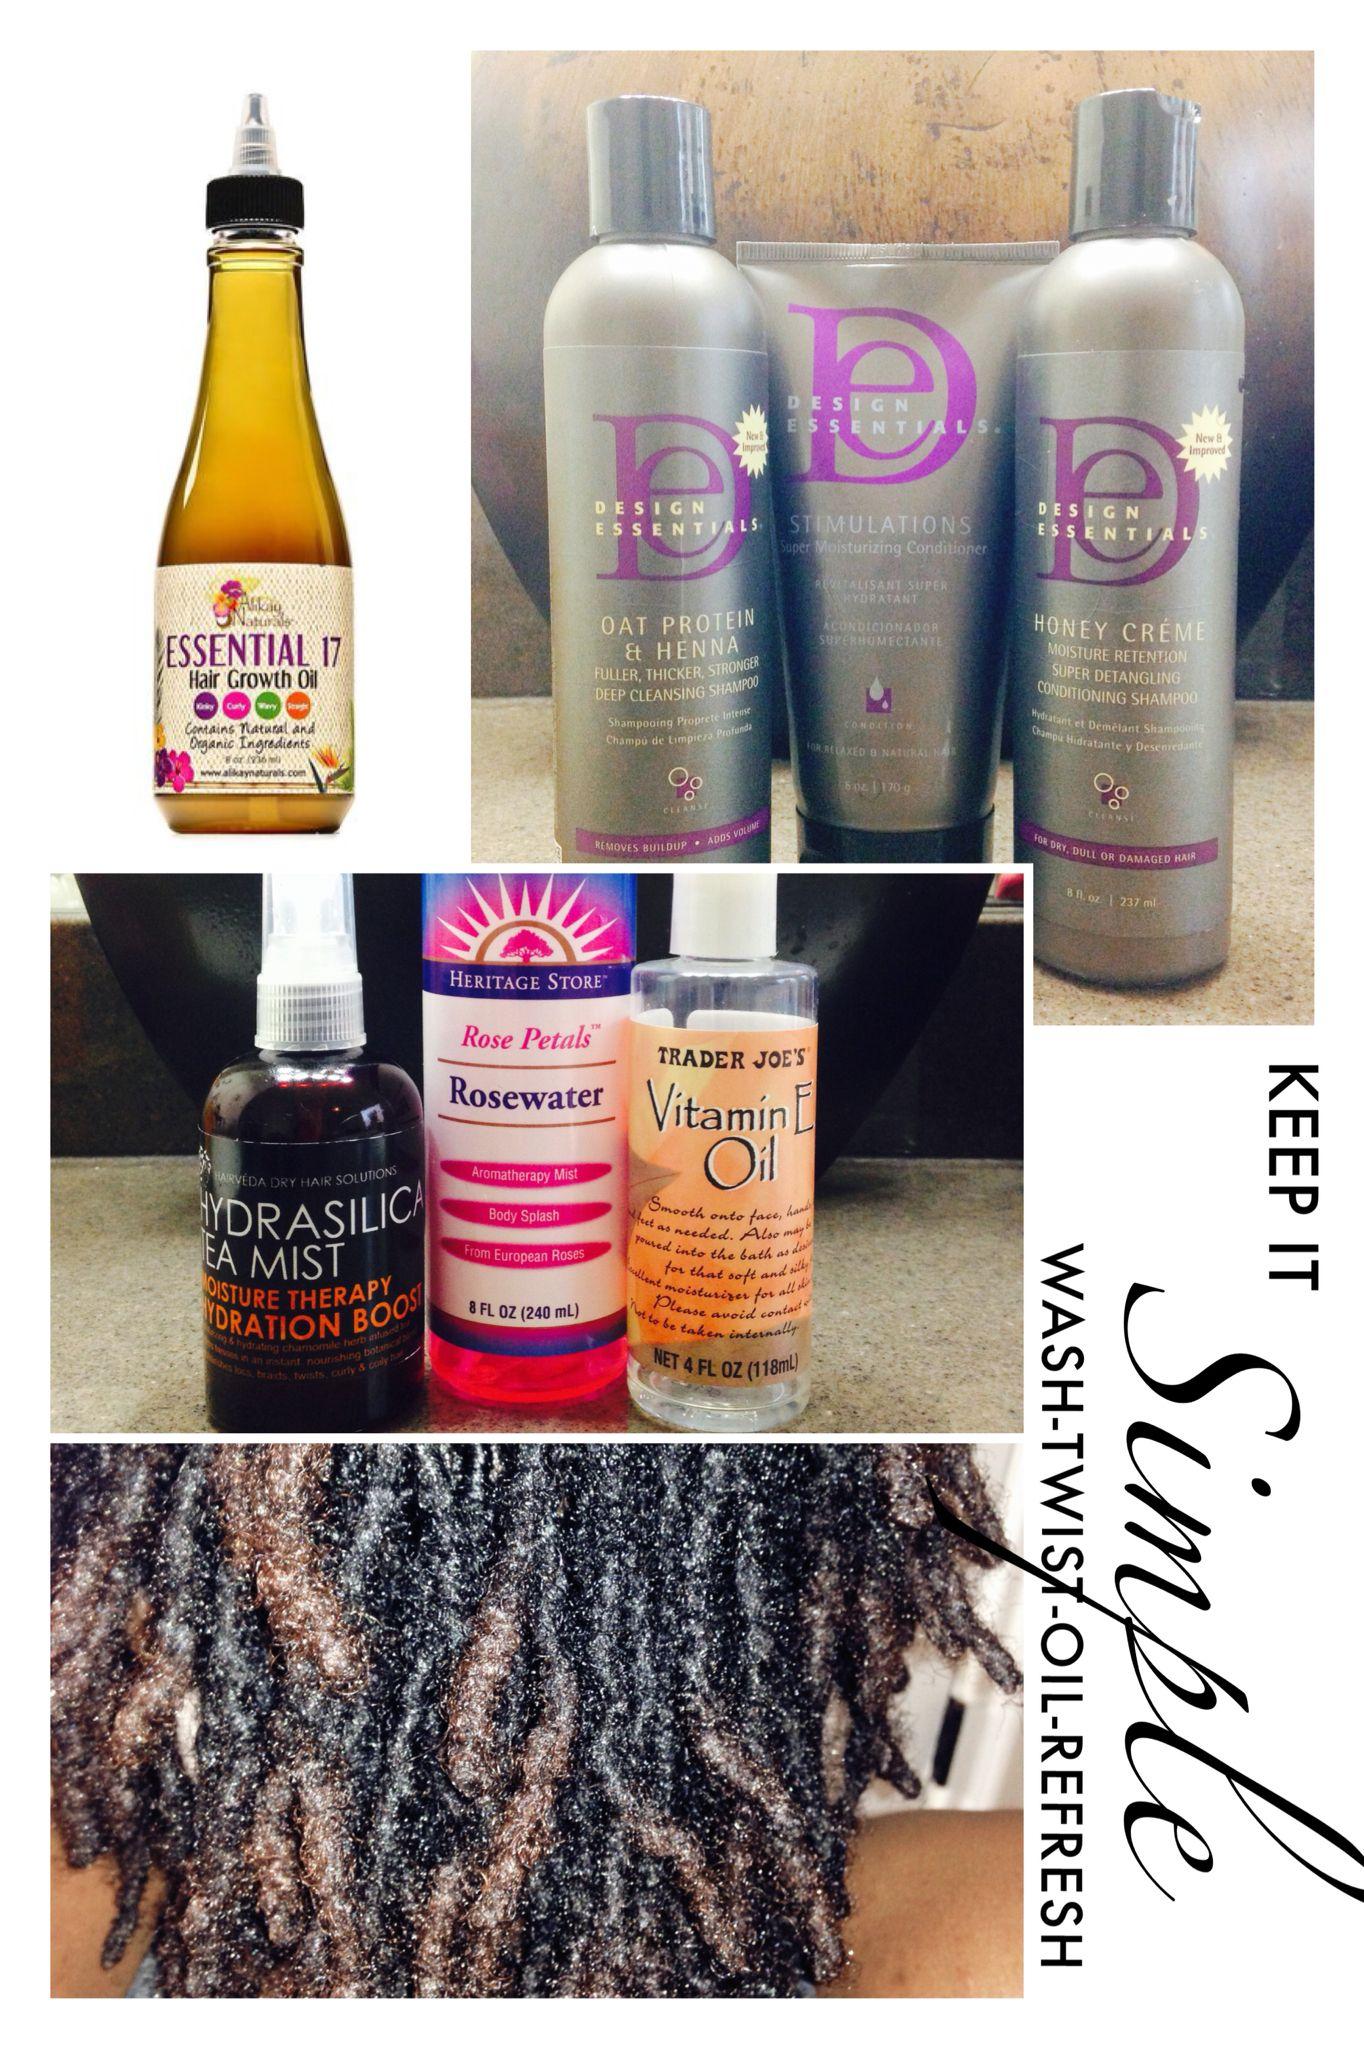 Loc Care Simplified Wash Condition Design Essentials Line Retwist 1 2 Rosewater 1 2 Vitamin E Oil A Diy Hair Care Recipes Hair Junkie Hair Care Recipes